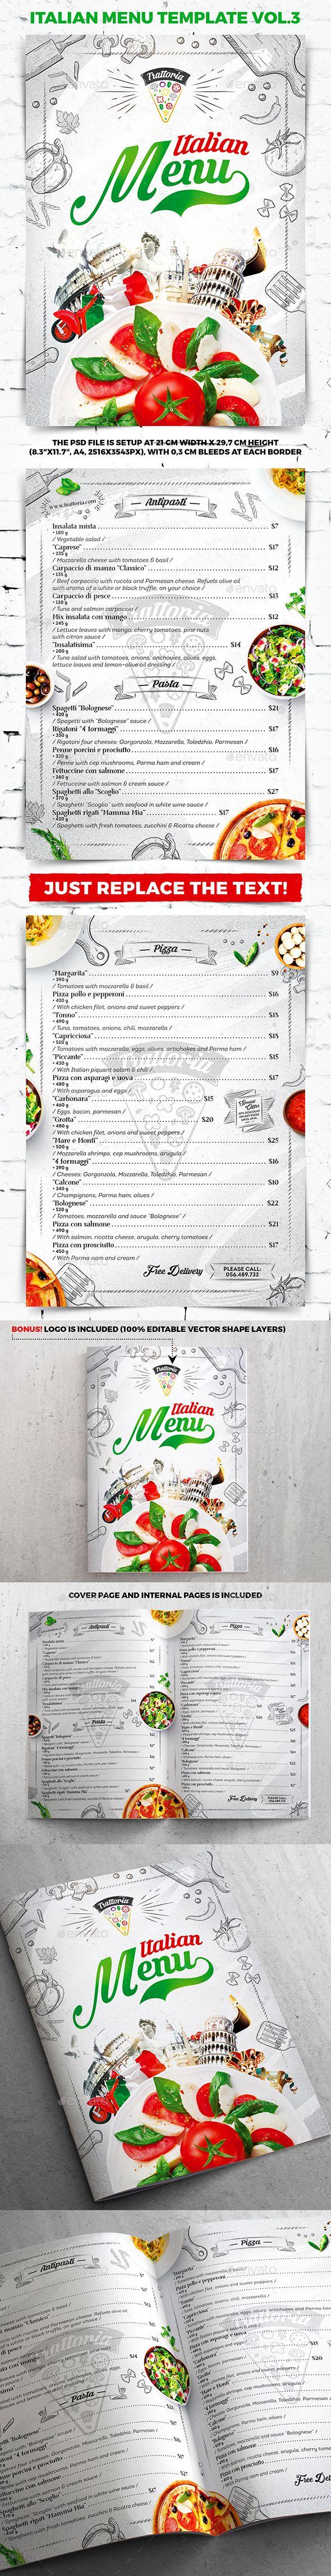 Italian Menu Template Vol  Italian Menu Menu Templates And